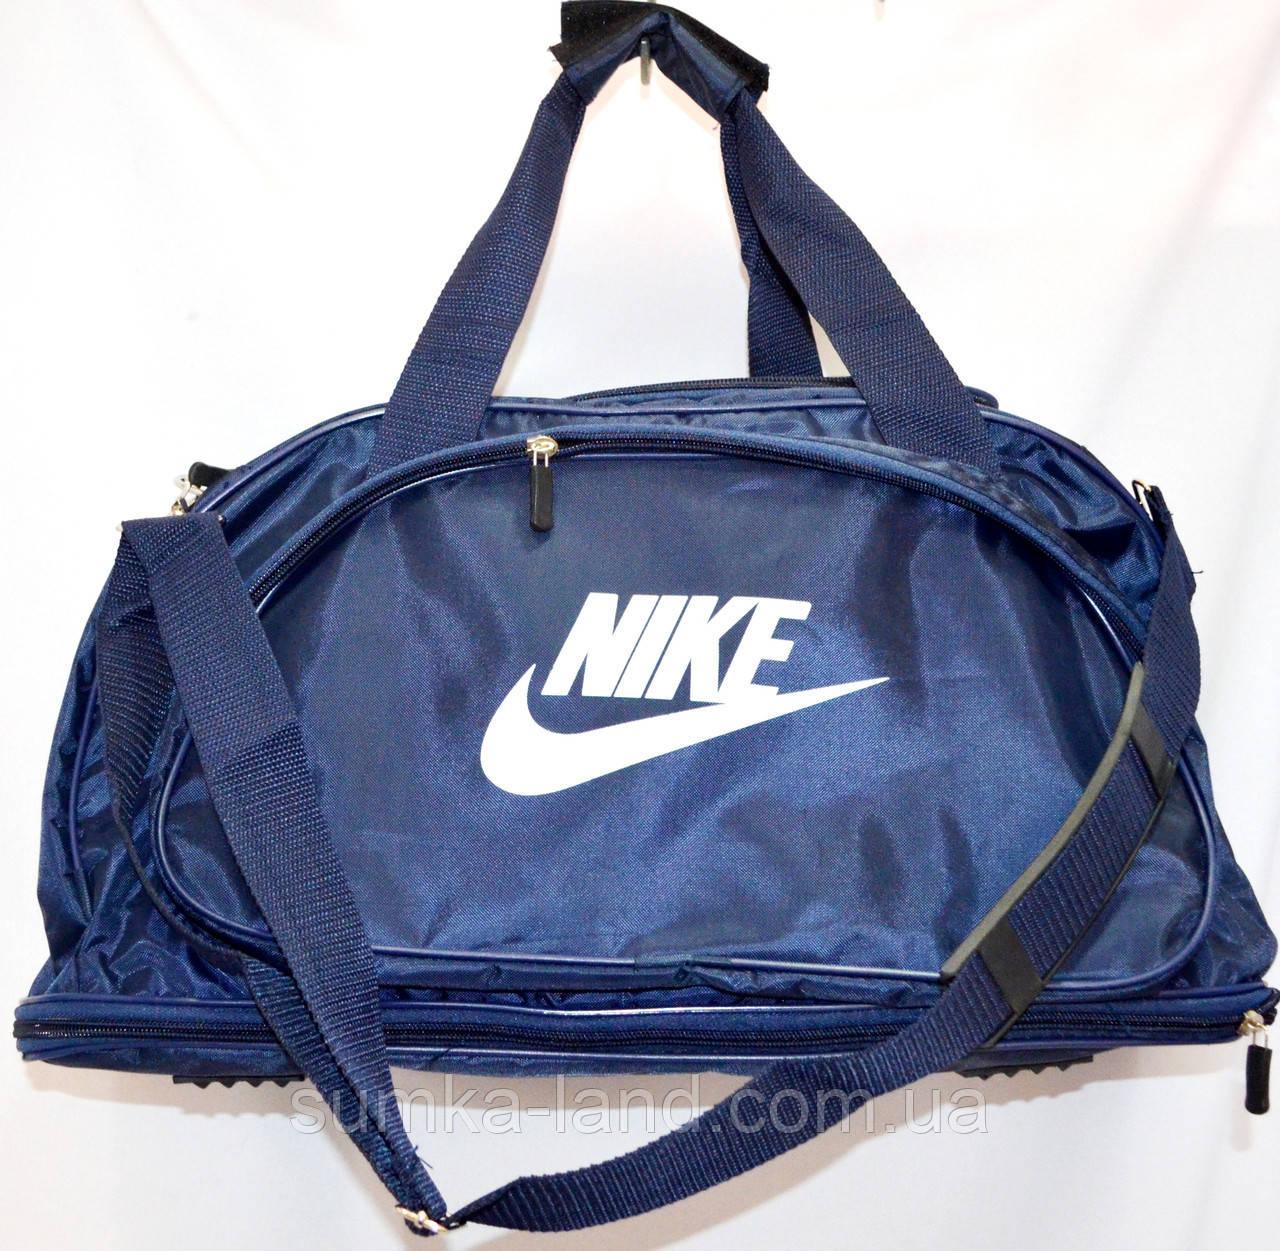 Сумки дорожные спортивные цены красивые дорожные сумки женские